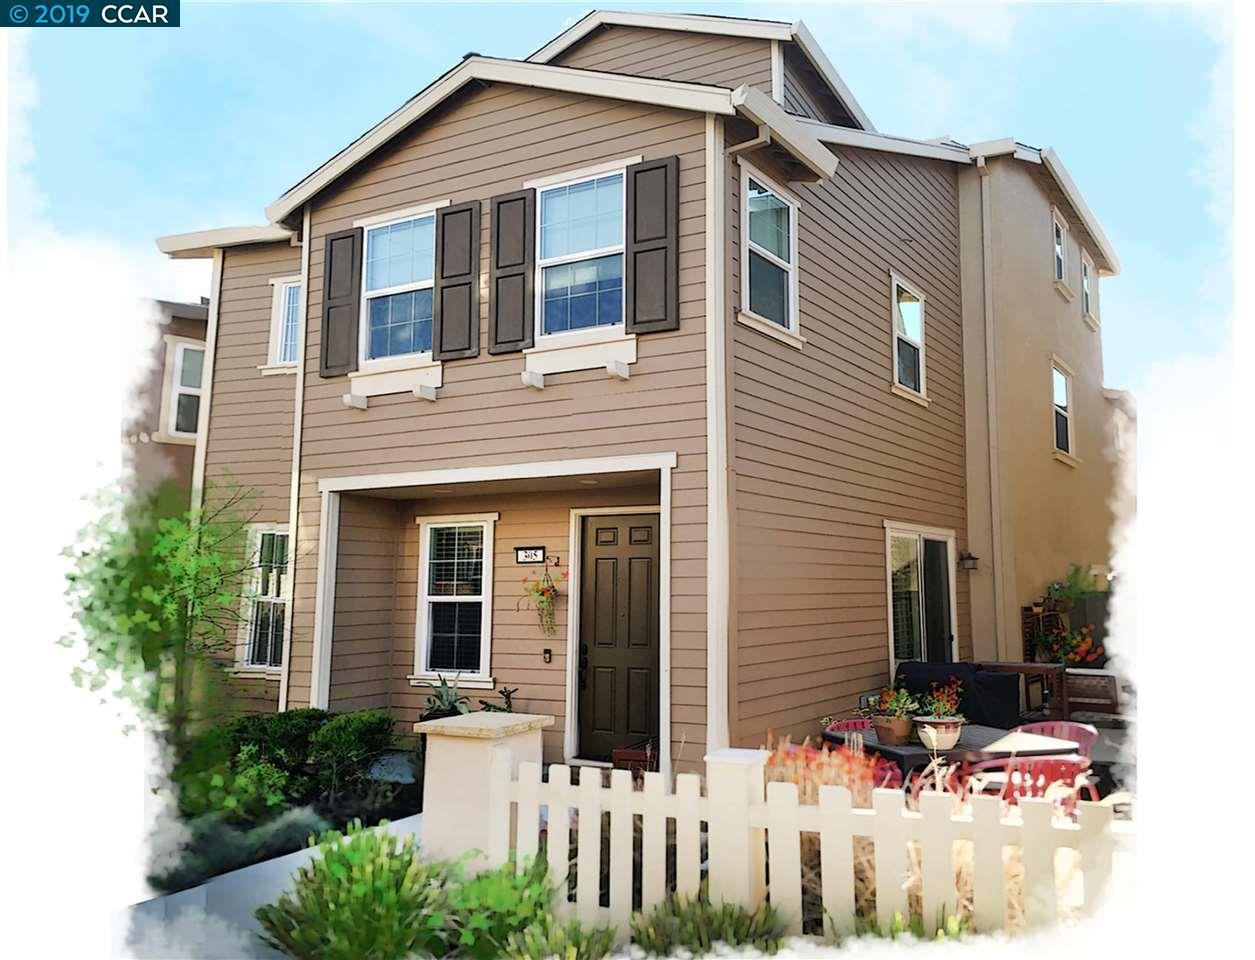 305 North Park Court Martinez, CA 94553